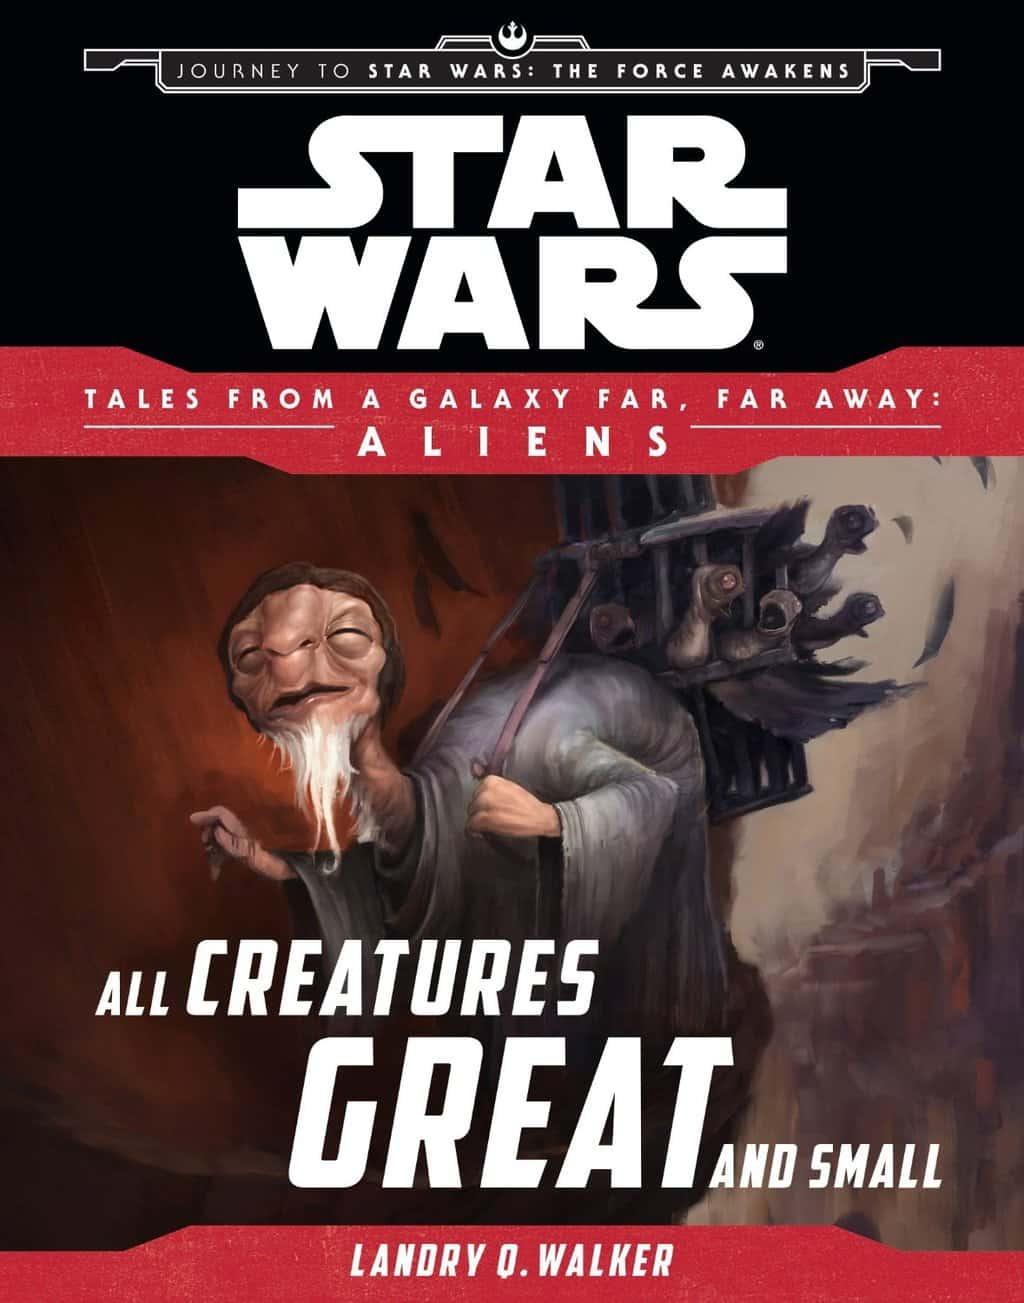 AllCreaturesGreatAndSmall